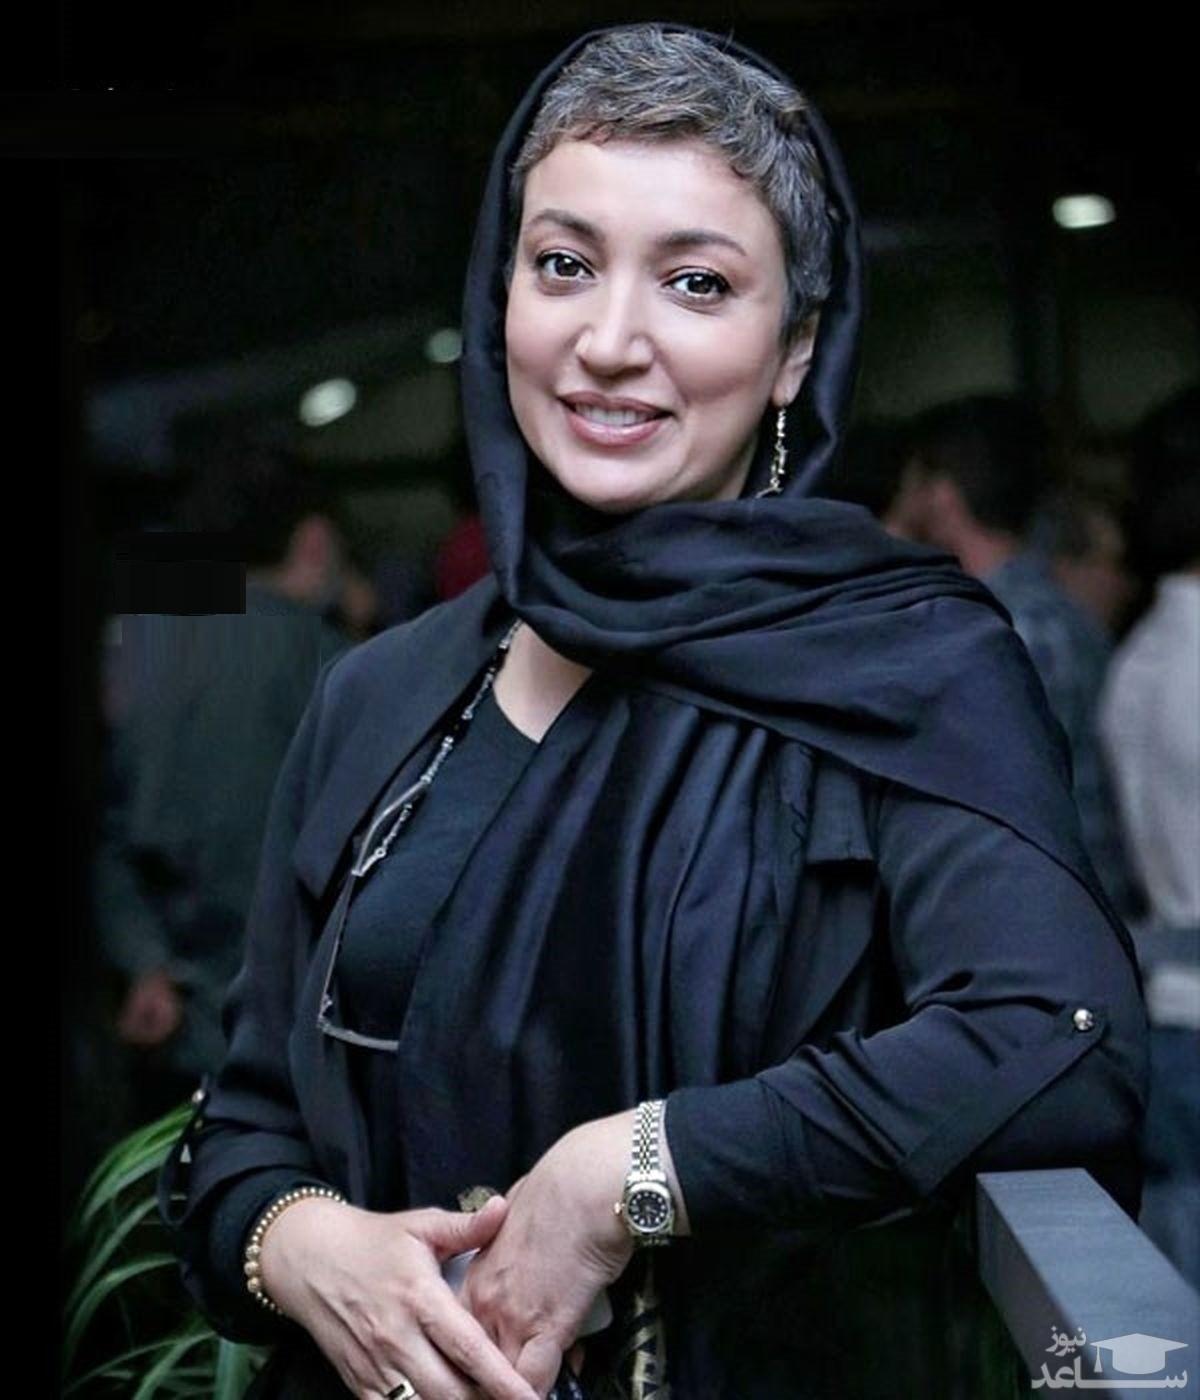 تیپ متفاوت نگار عابدی در پشت صحنه دودکش